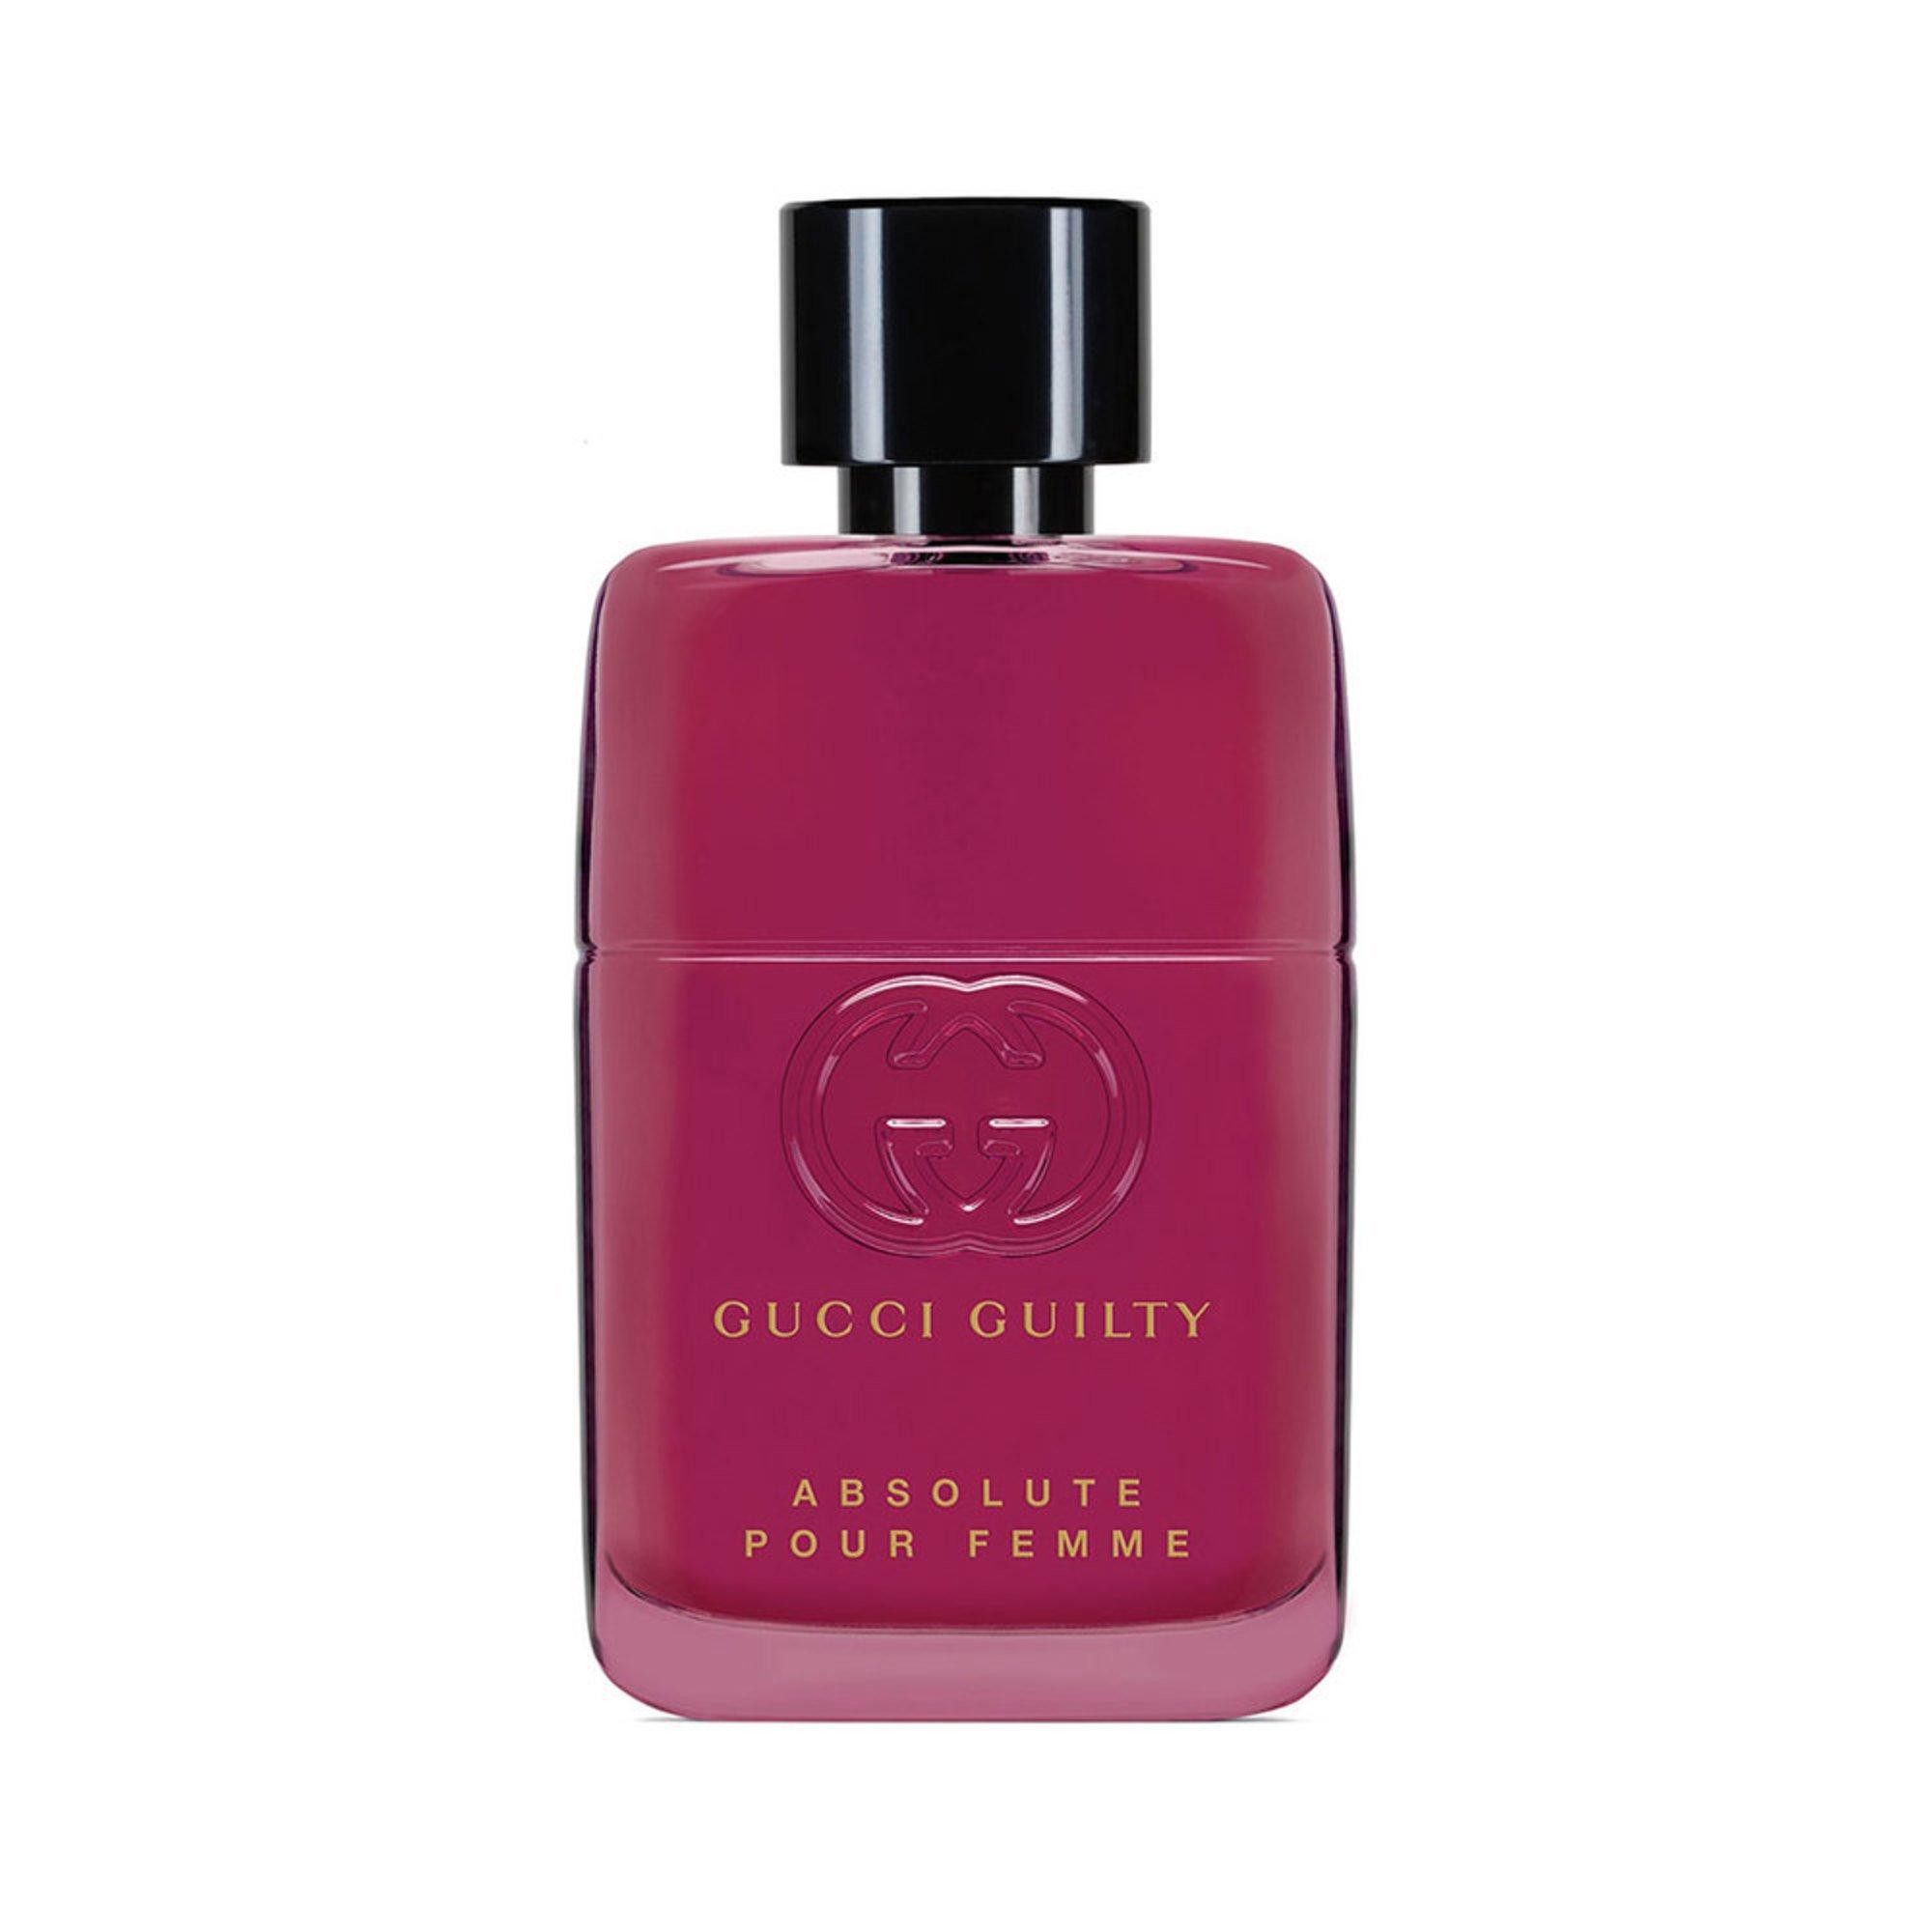 874e4fb26b8 Gucci Guilty Absolute Pour Femme Eau De Parfum 1.0oz